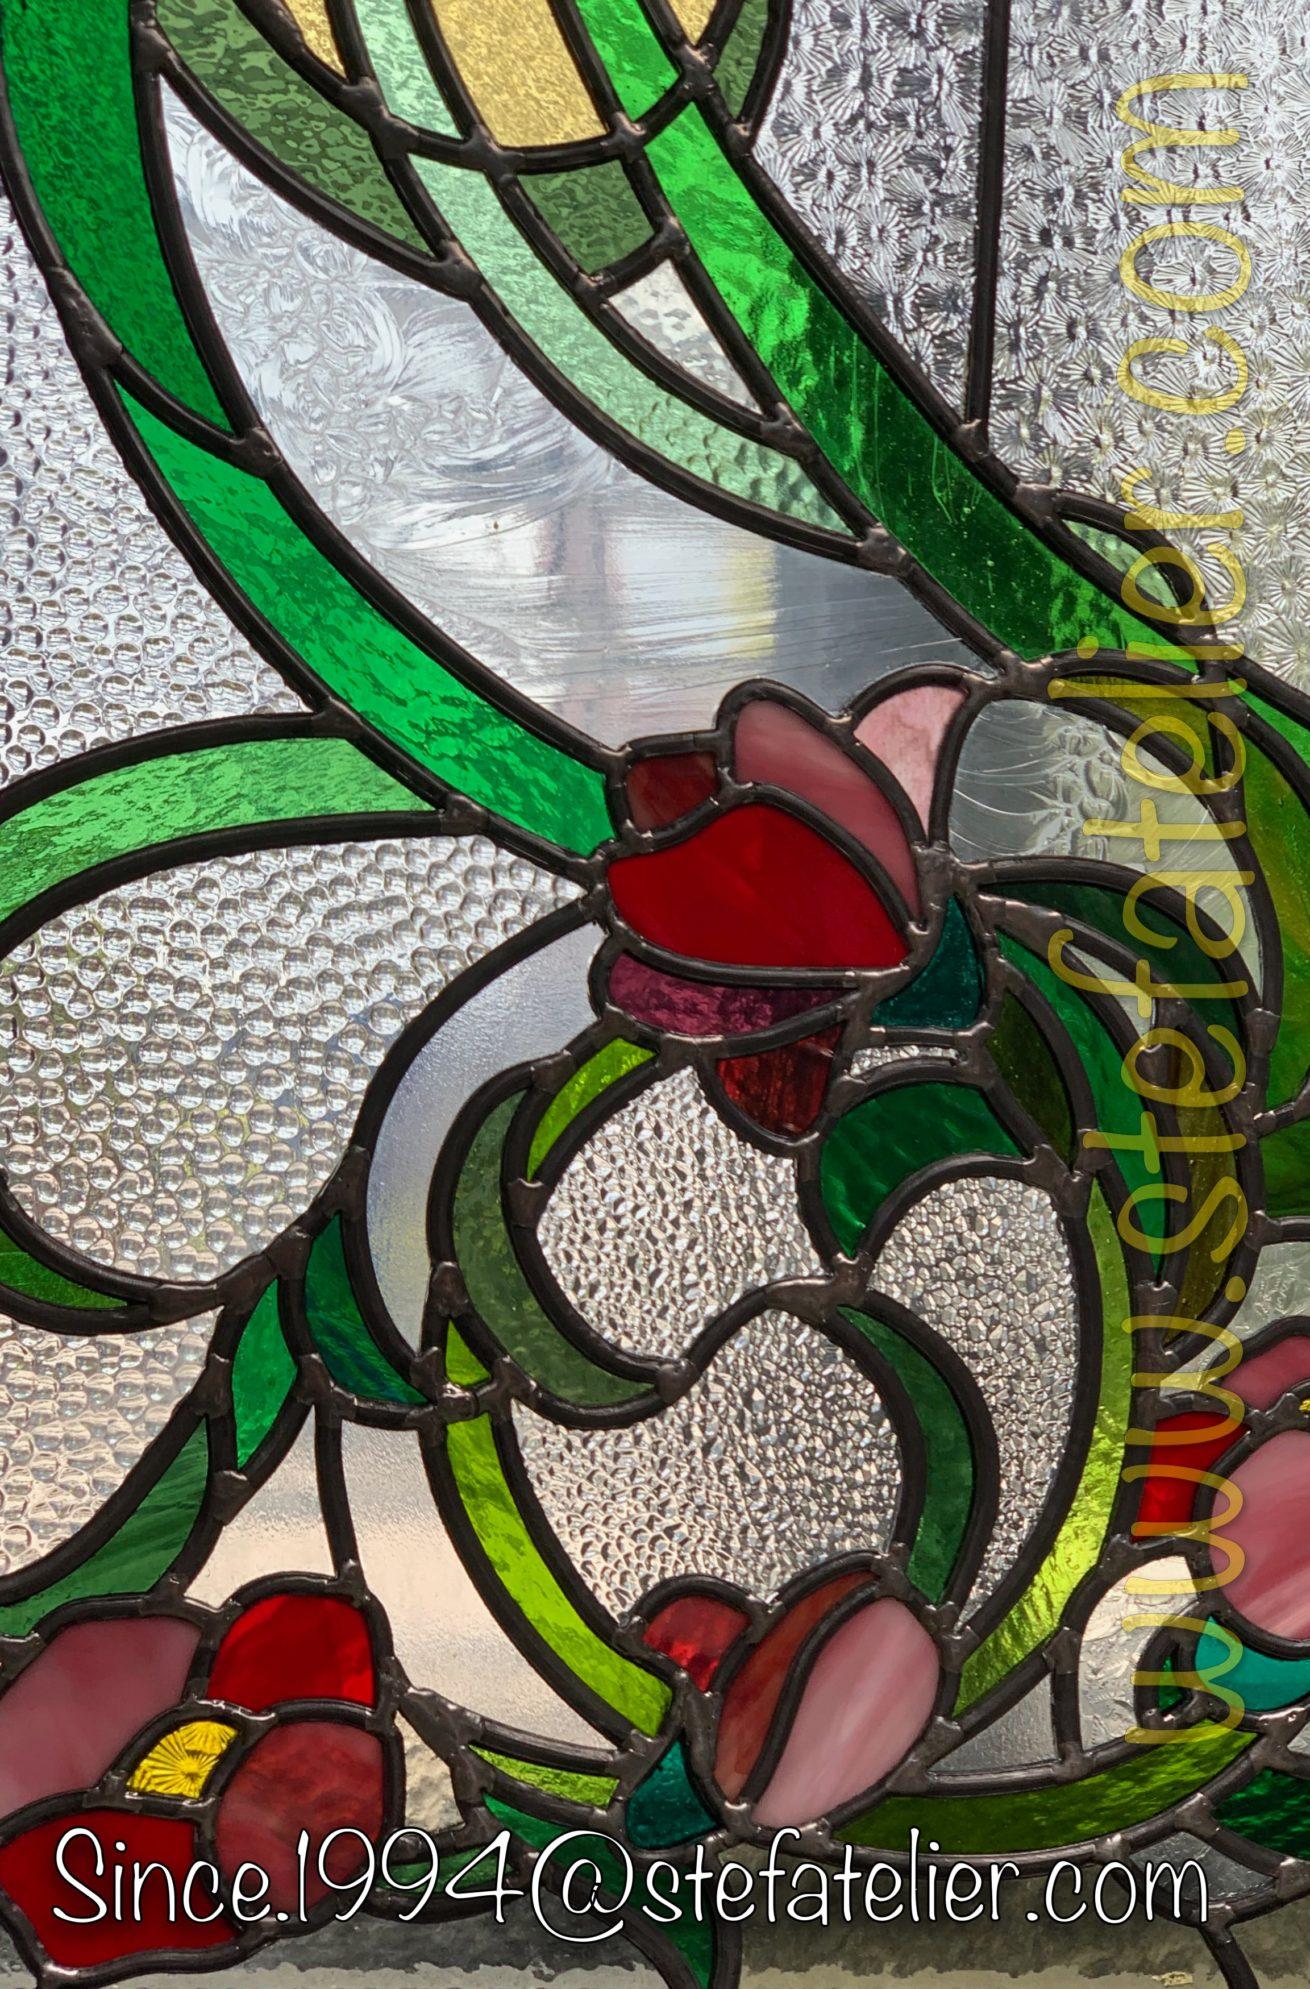 vitrerie-fleur-rouges-vitrail